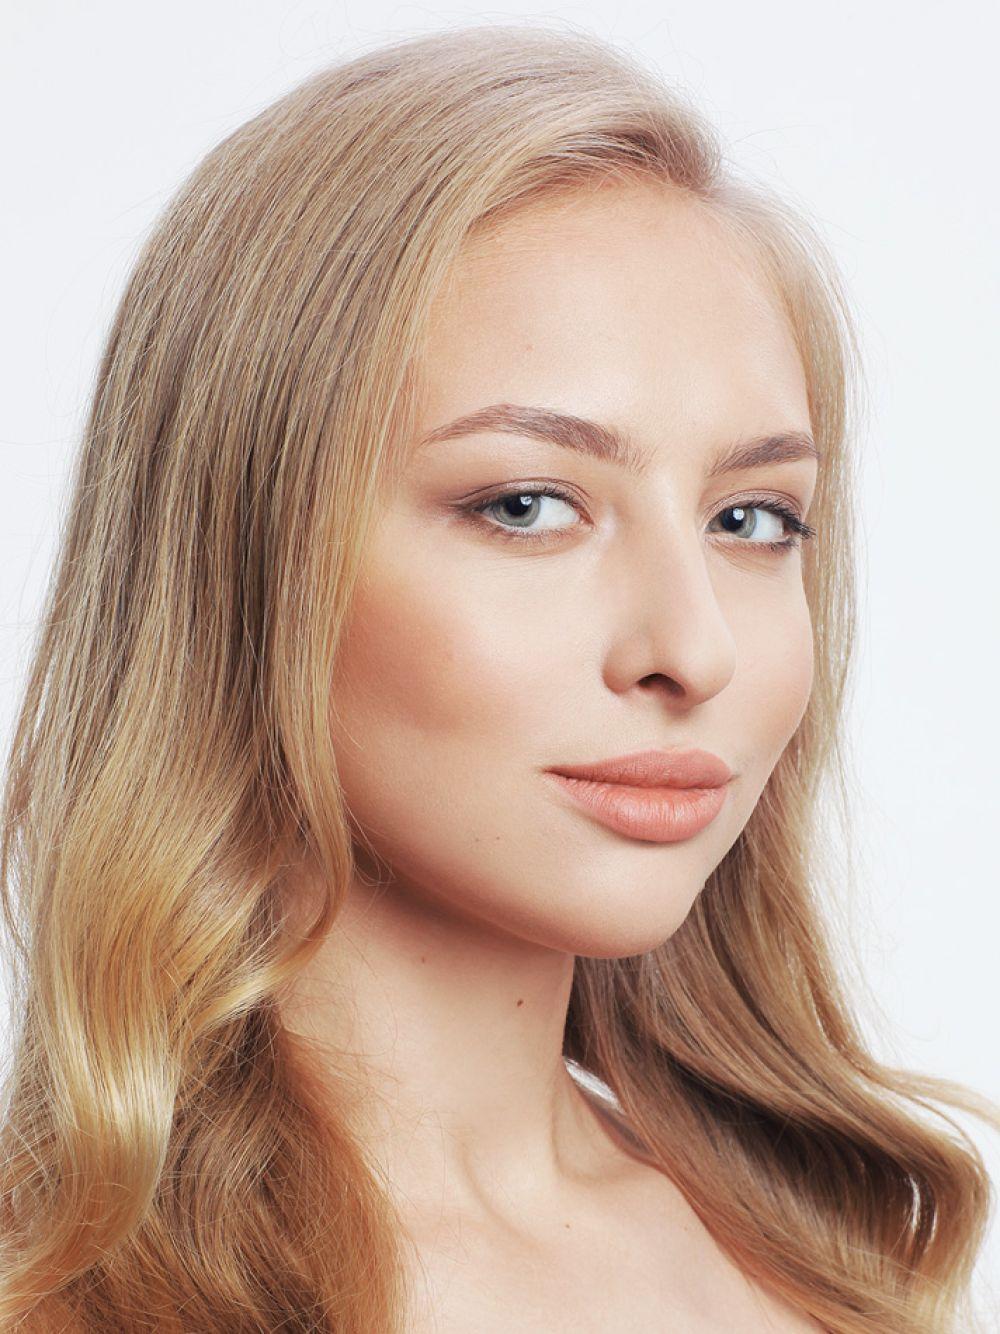 Софья Броницкая, 18 лет, 173 см.